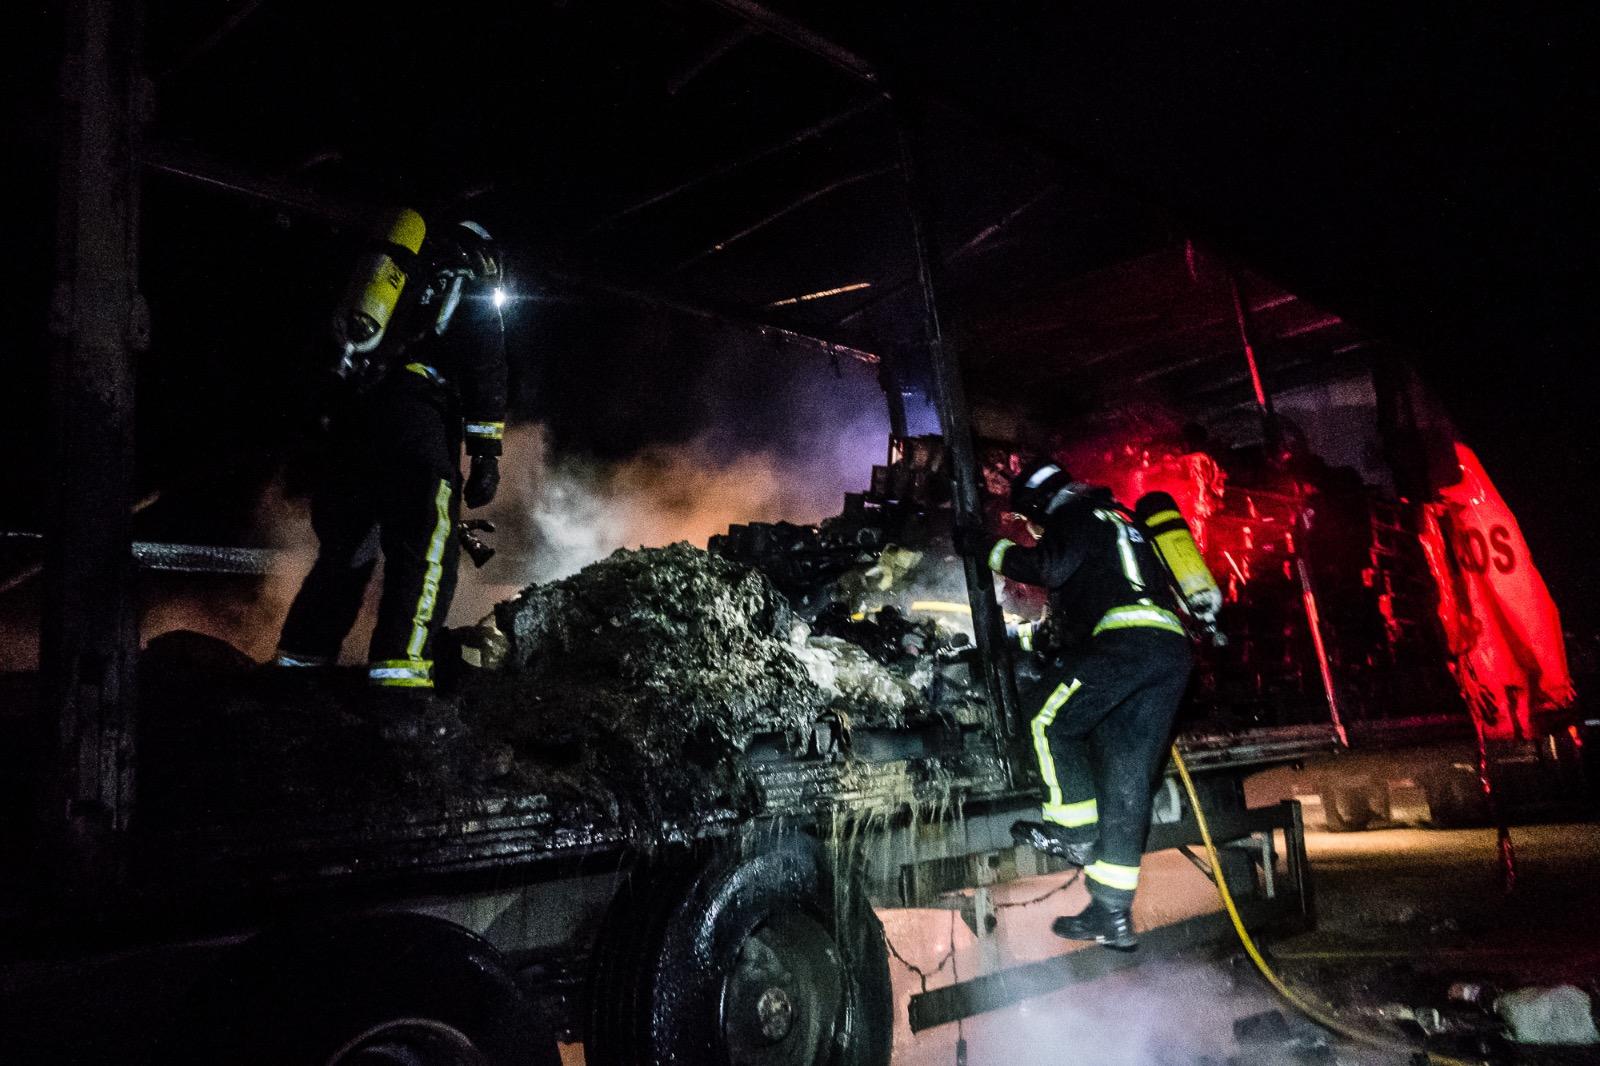 Intervención de los bomberos de León para sofocar un fuego en un camión